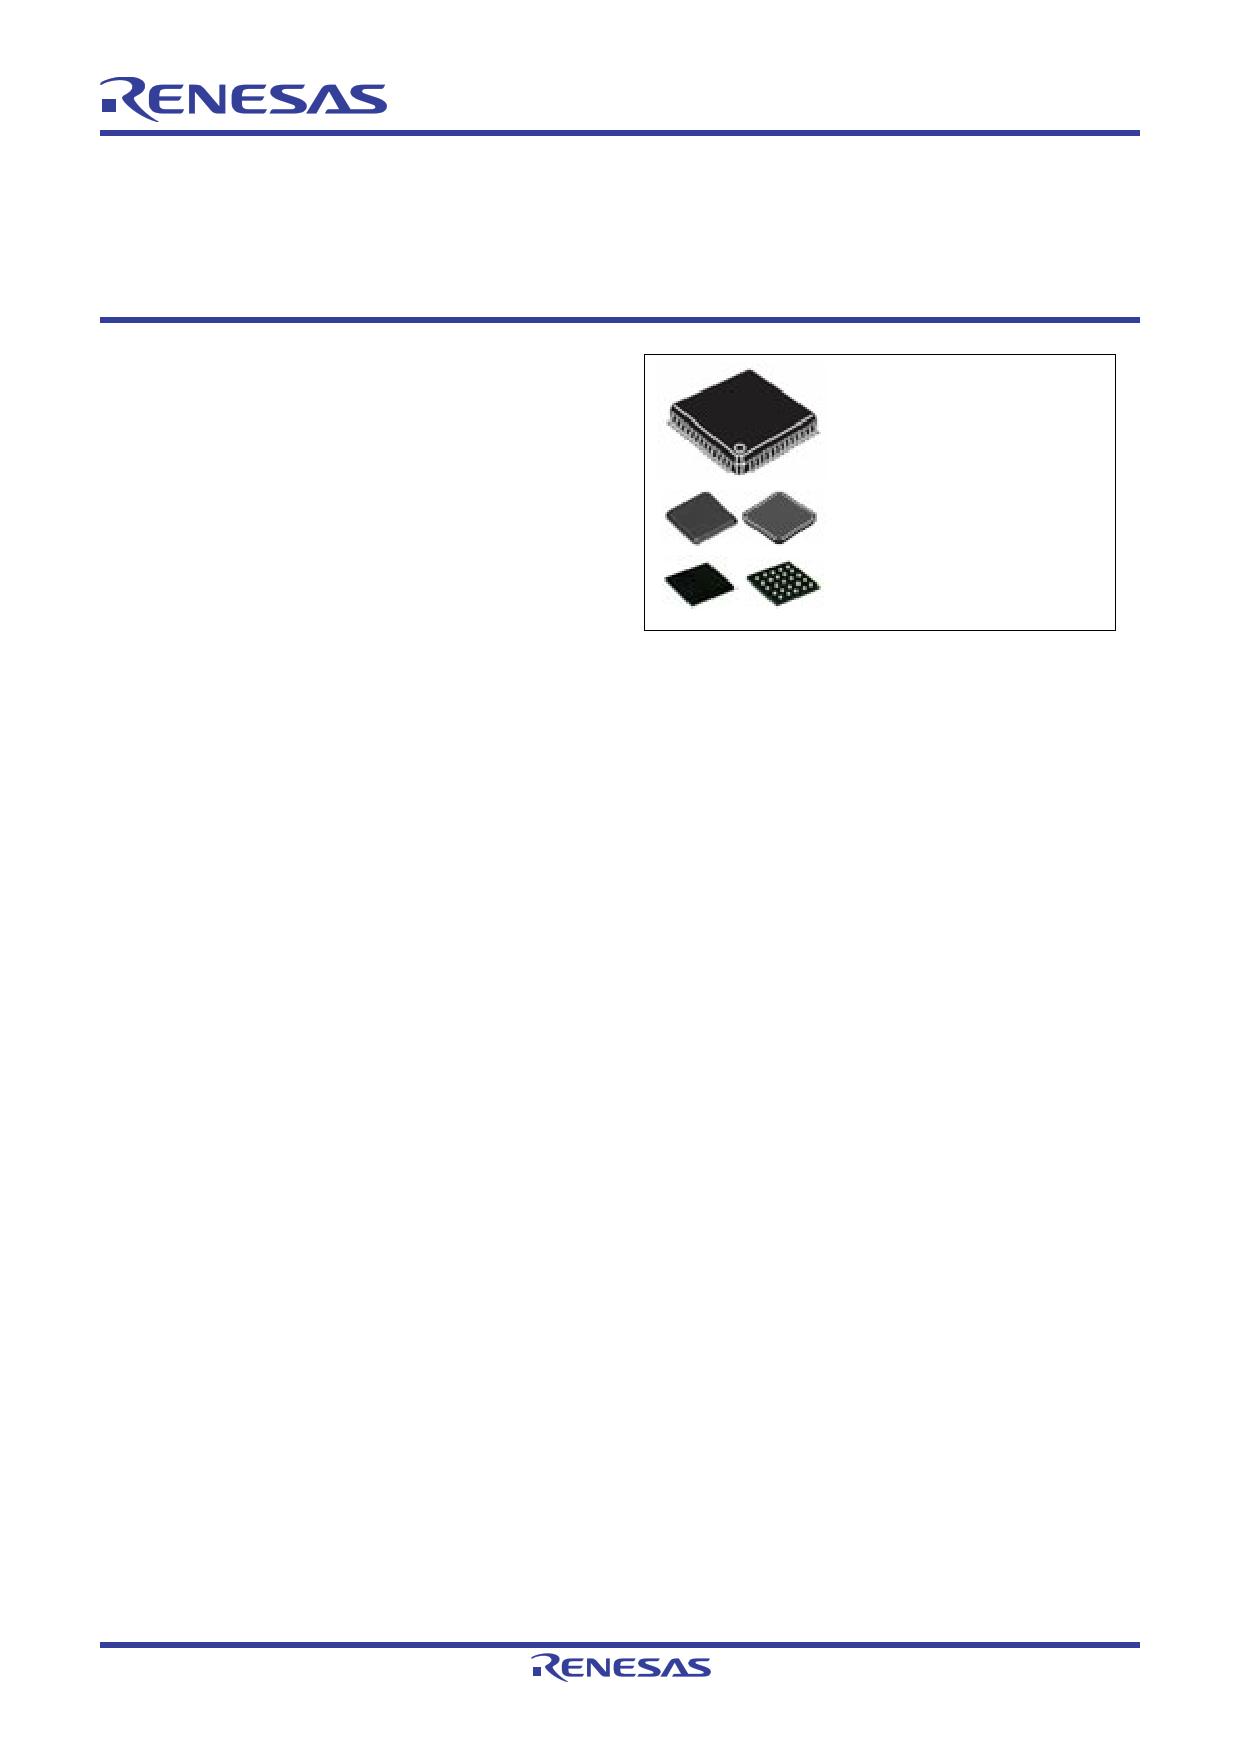 R5F5110HAGNF 데이터시트 및 R5F5110HAGNF PDF